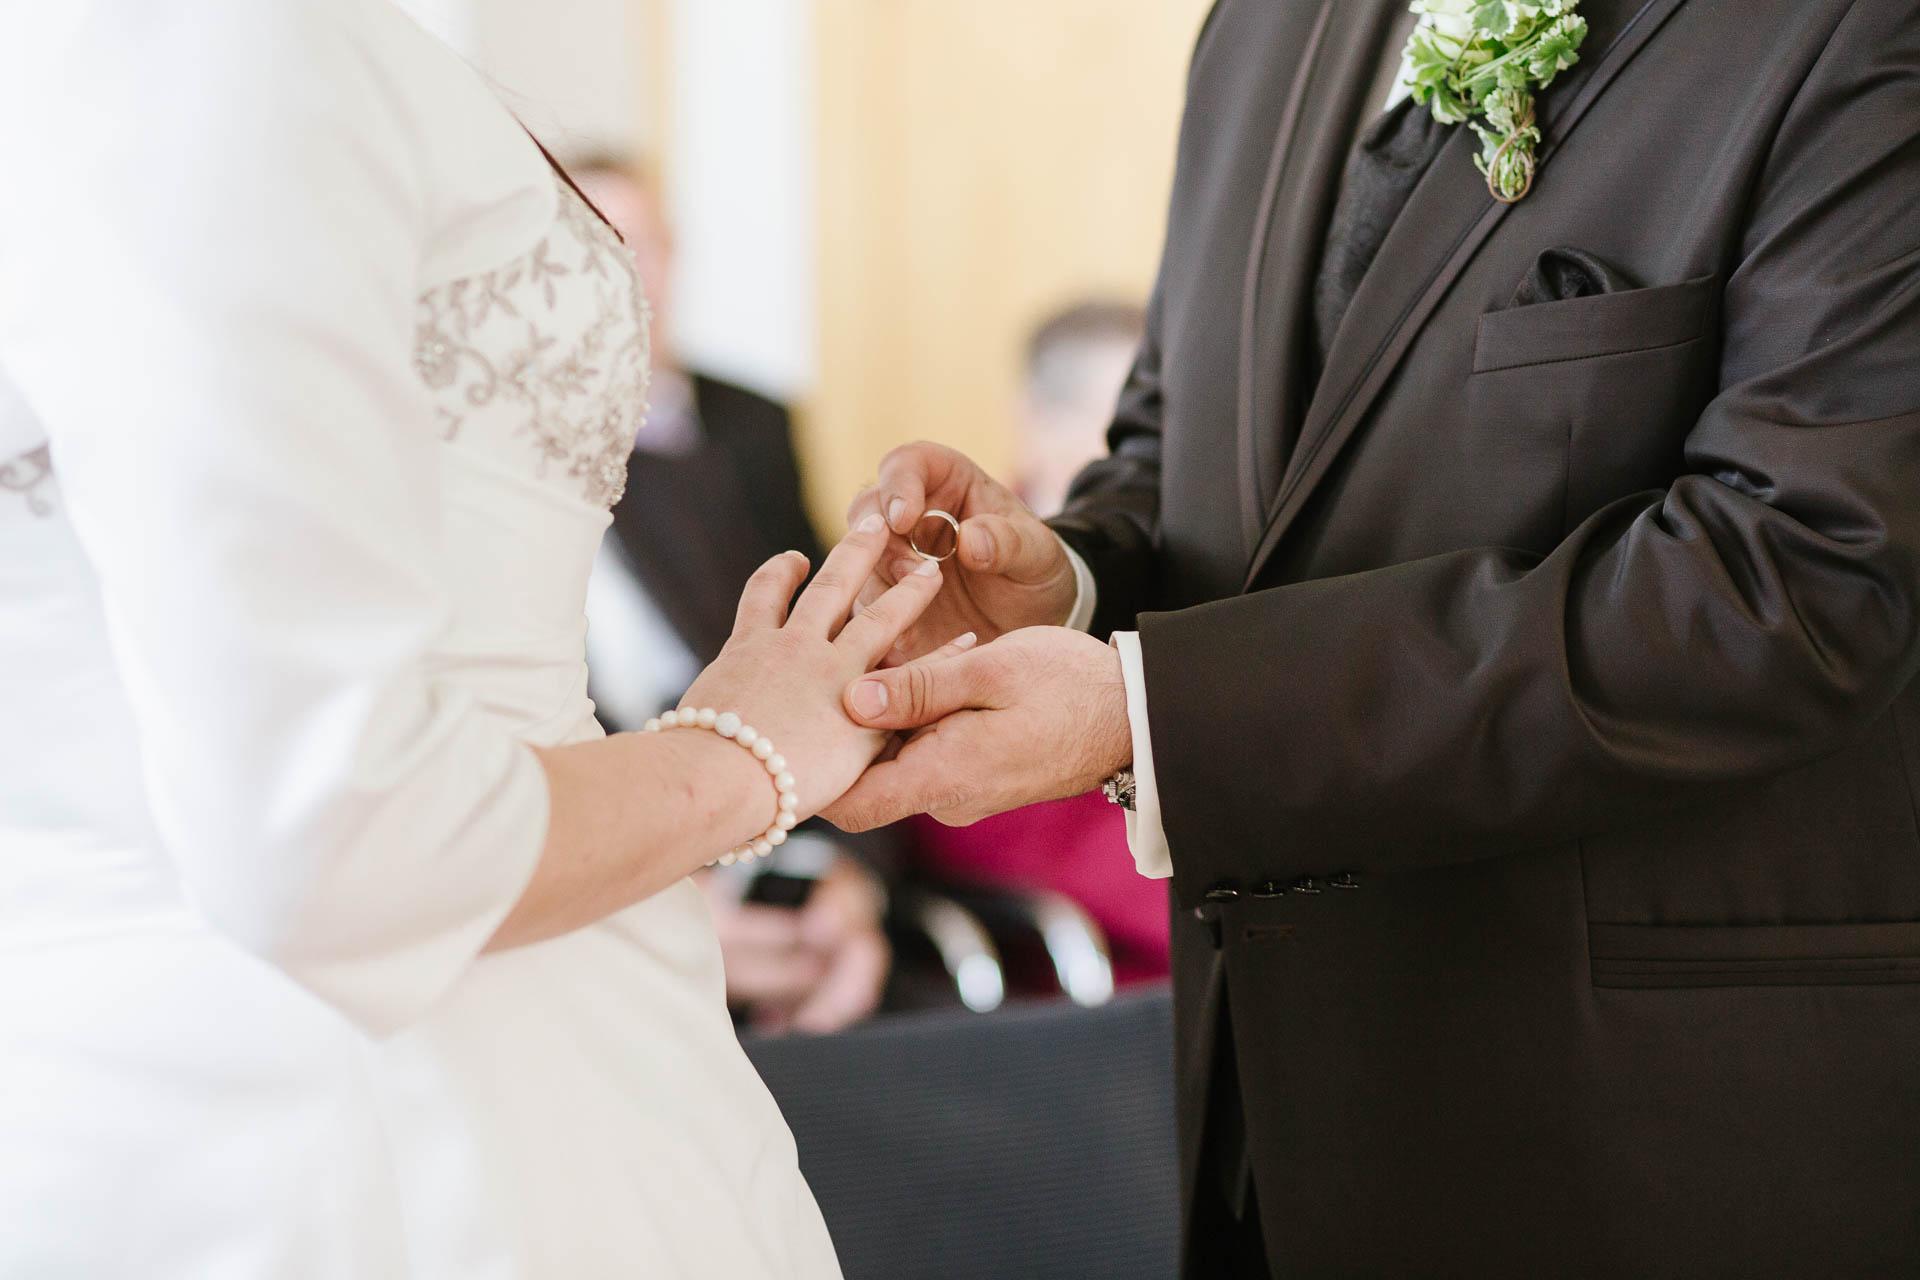 Bräutigam beim Ringtausch mit Braut